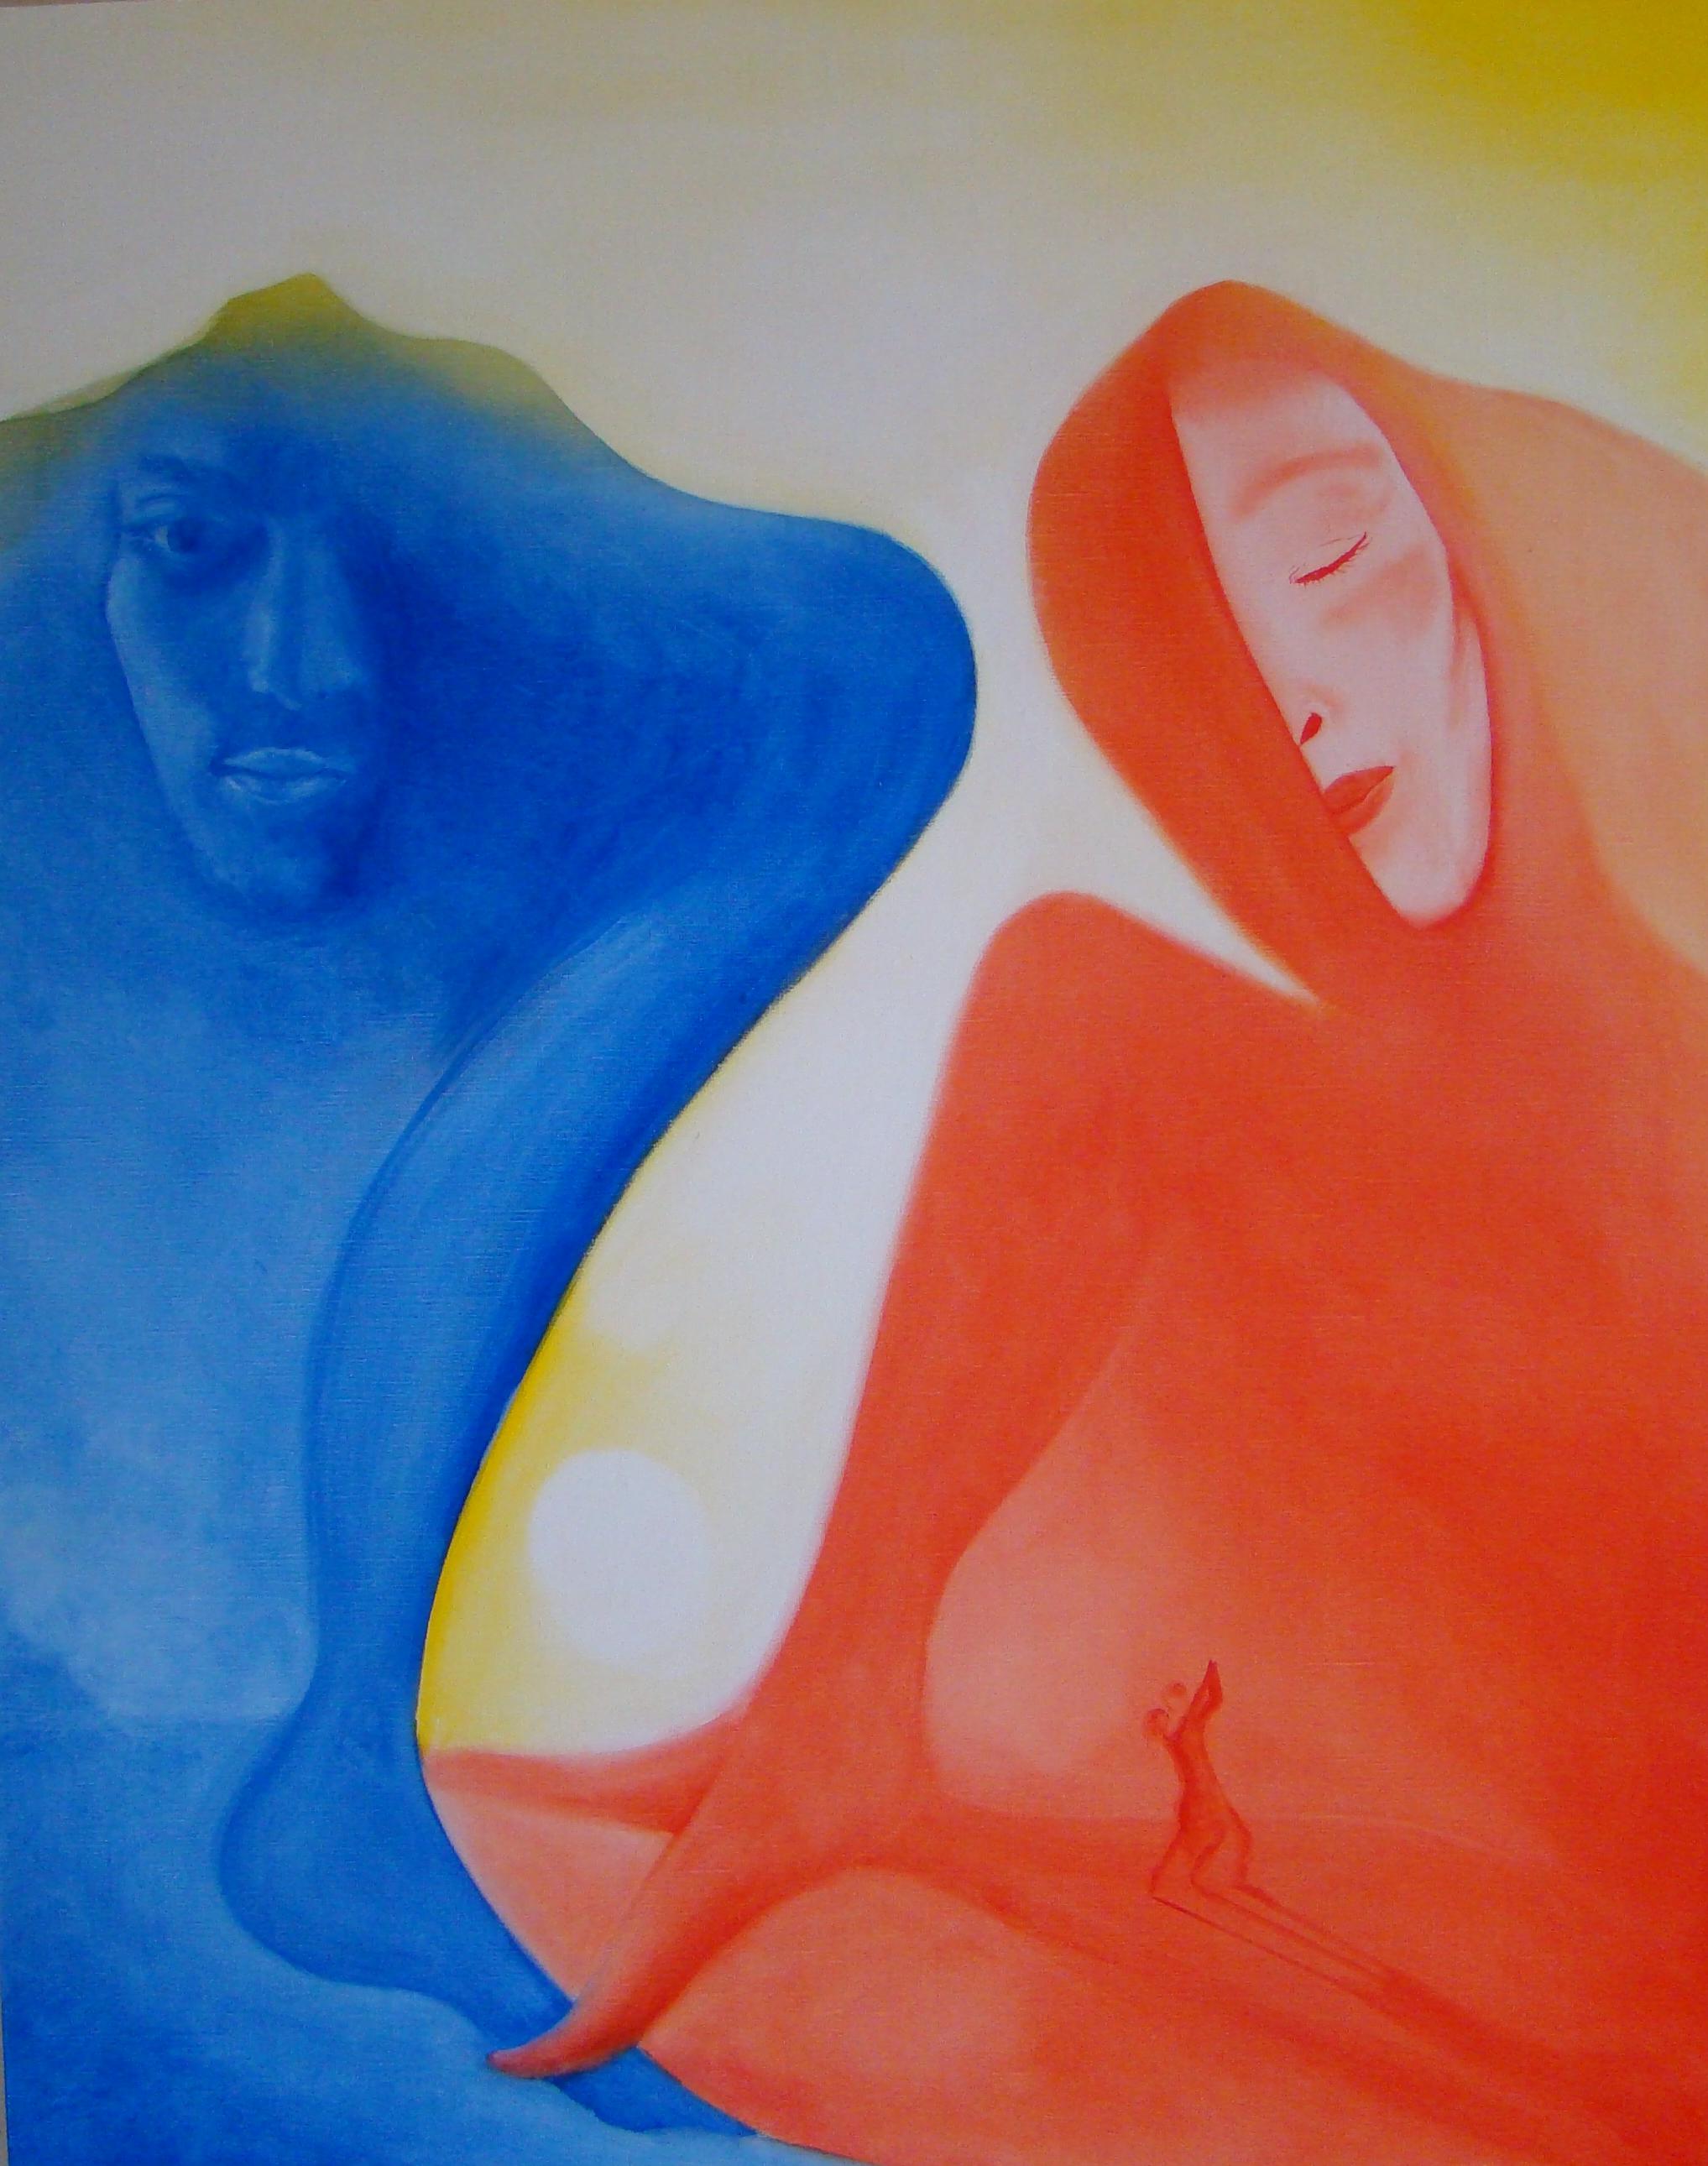 Couleur en mouvement - Le Mouvement en Couleur,La couleur en mouvementLa couleur dans sa vibration, la ligne dans son début et sa fin, se place dans un état éphémère comme la musique. Dépassement de la forme, dépassement de la ligne pour toucher ce qui est invisible en nous.Une création en collaboration avec des musiciens